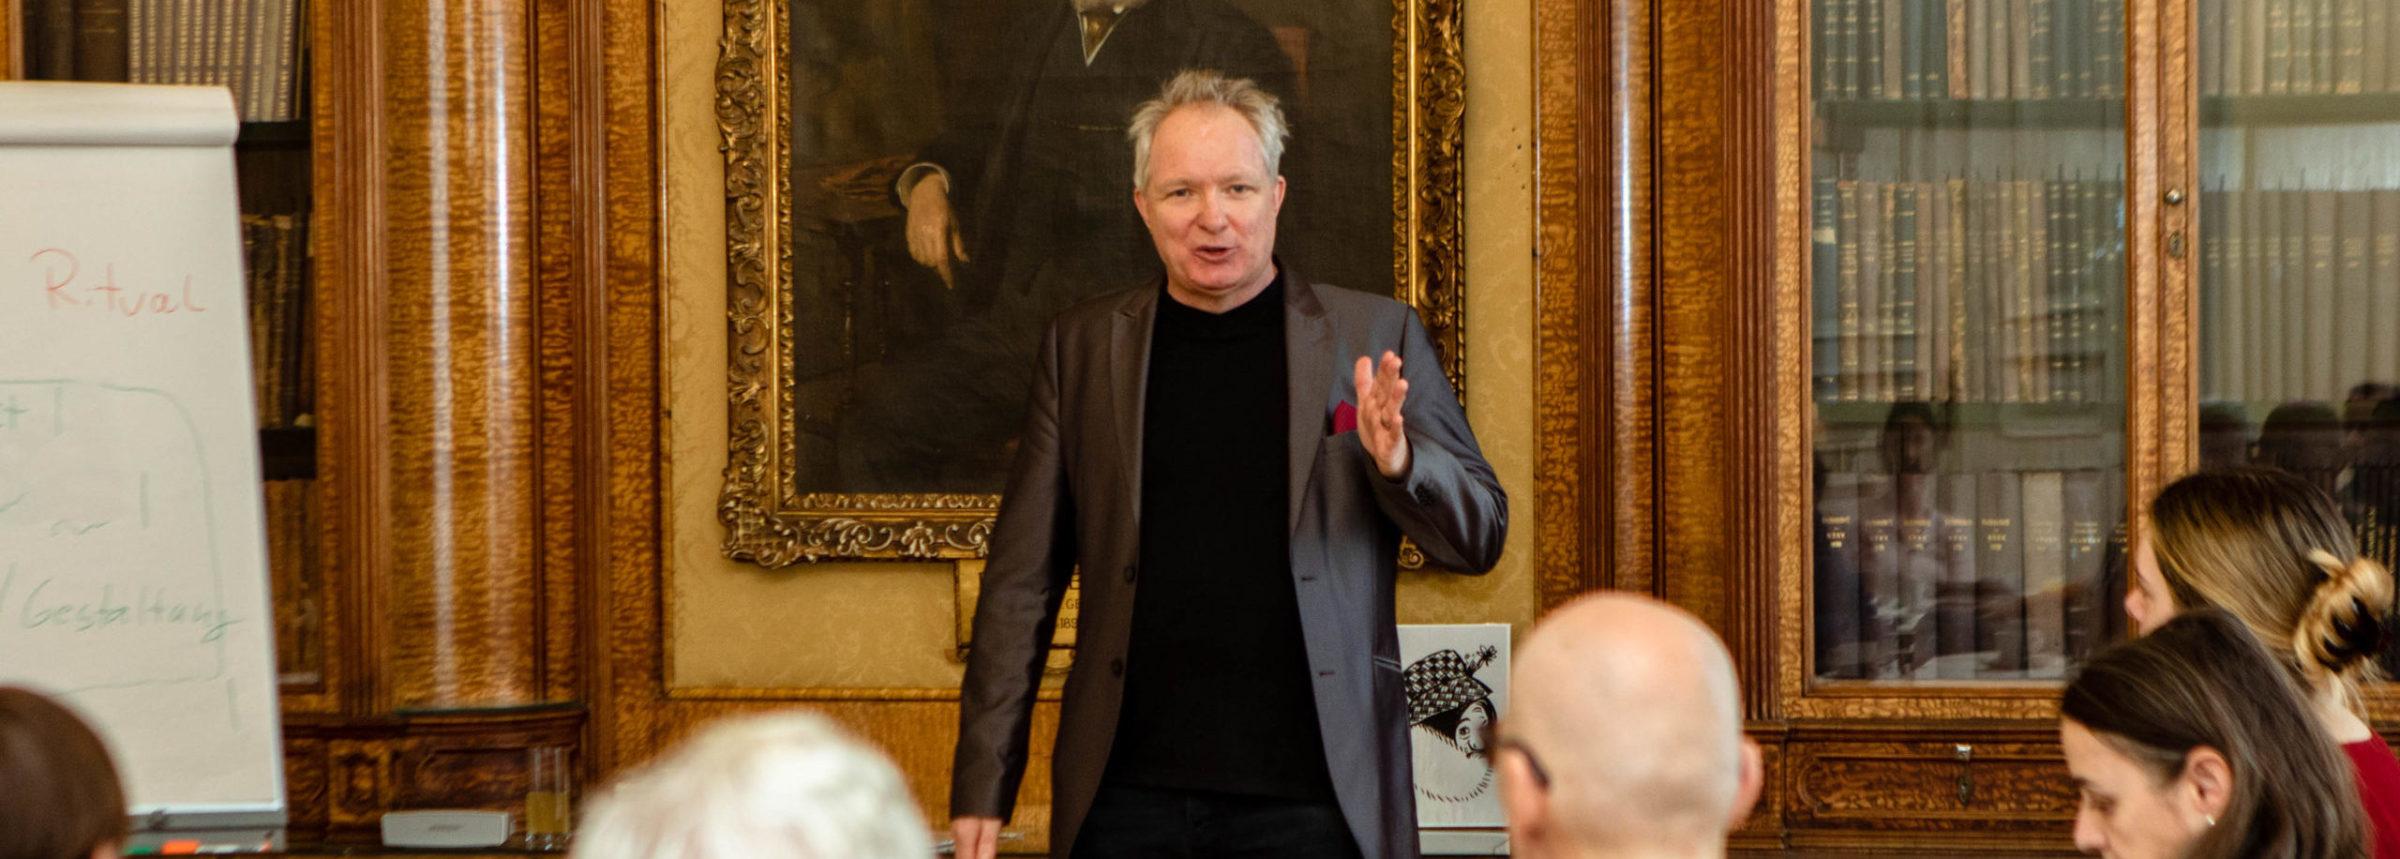 ÖGV Rückblicke: Rückblick: early bird mit Richard Blöss / Public Speaking ist ein Handwerk